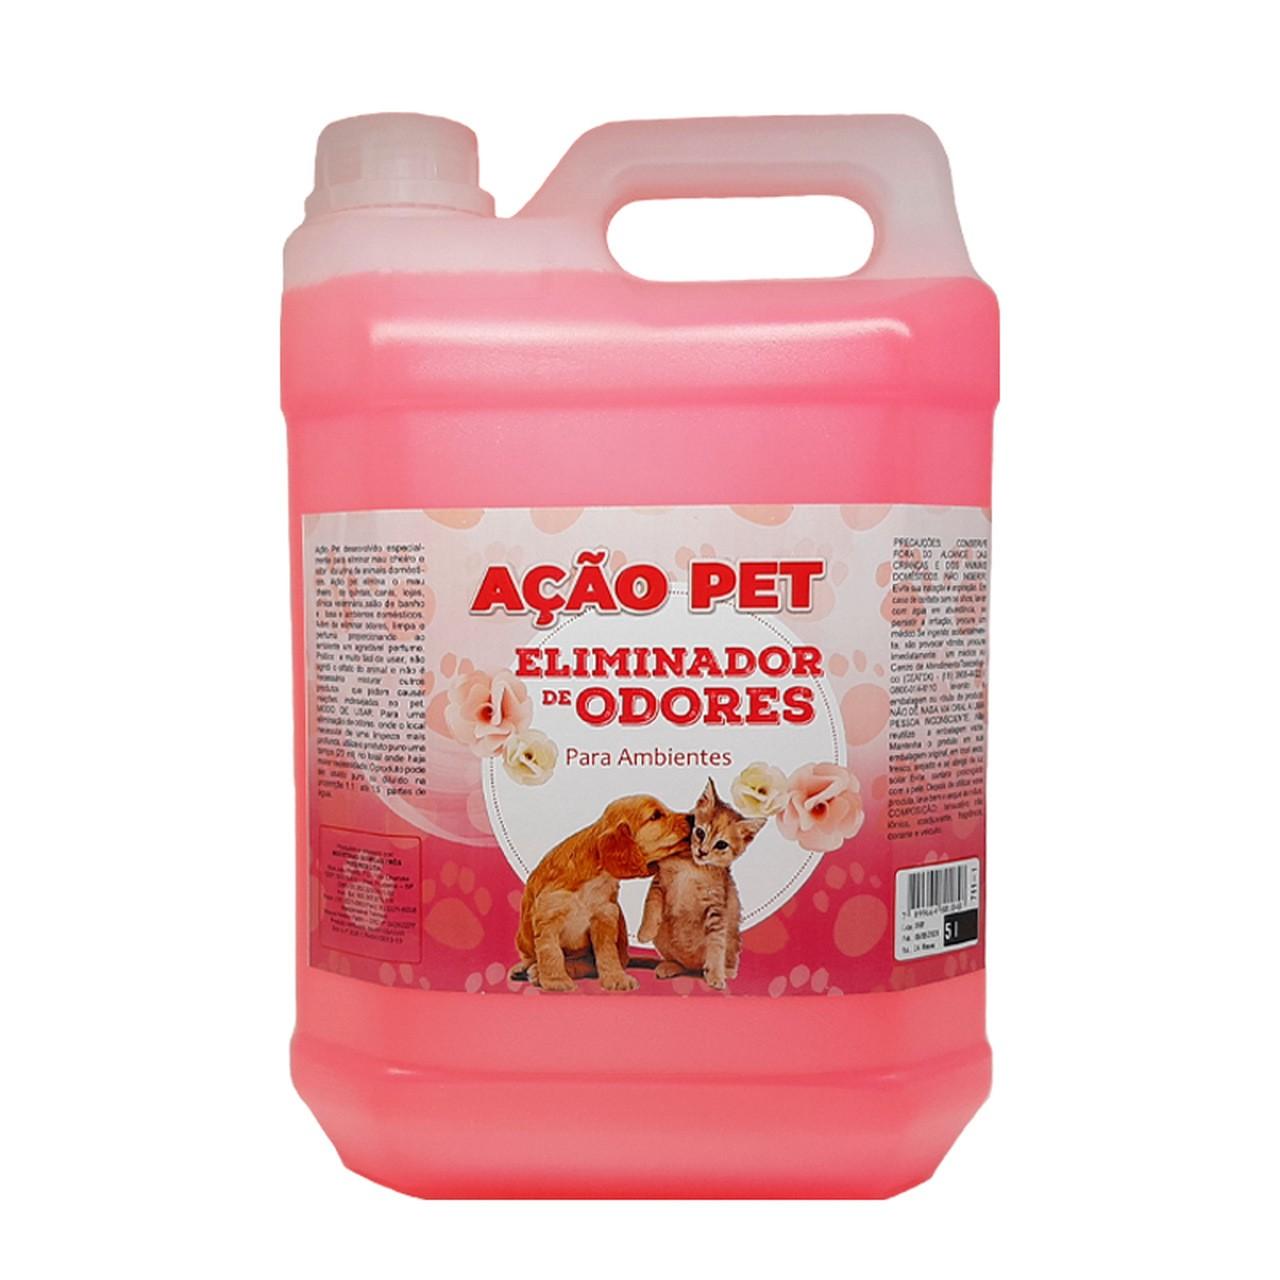 AÇÃO PET 3 Poderes 5LTS - Eliminador De Odores Para Ambientes